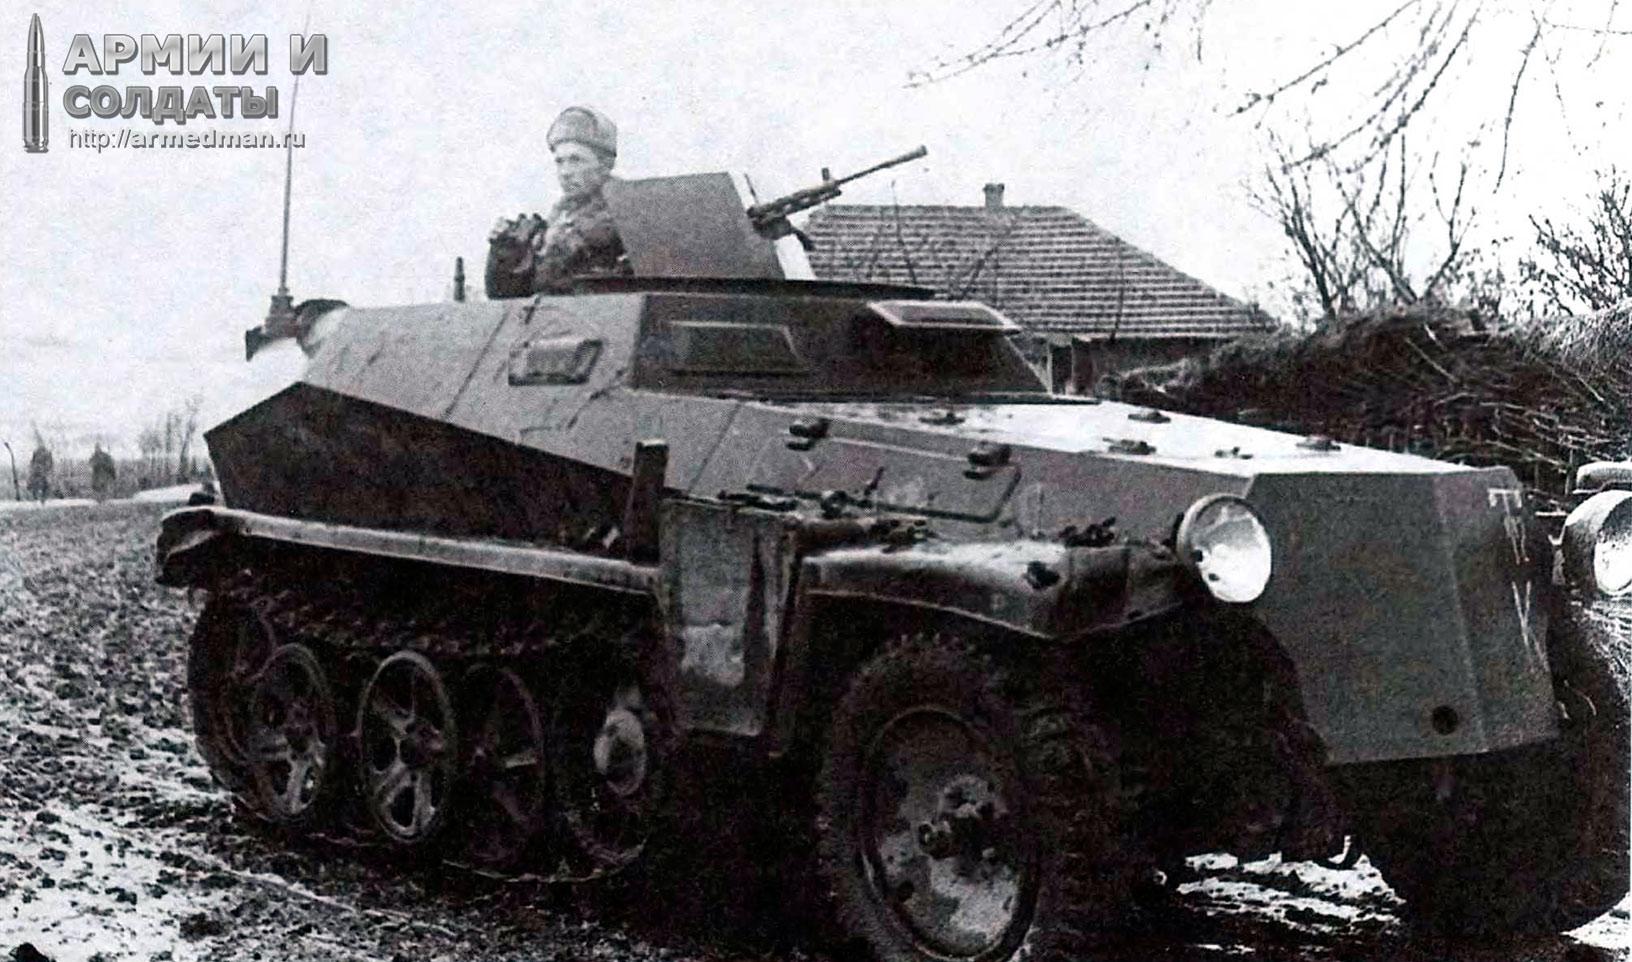 Трофейный-Sd.Kfz.250-в-качестве-разведывательной-машины-Красной-Армии,-Моздок,-осень1942.-Установлен-советский-пулемет-ДП